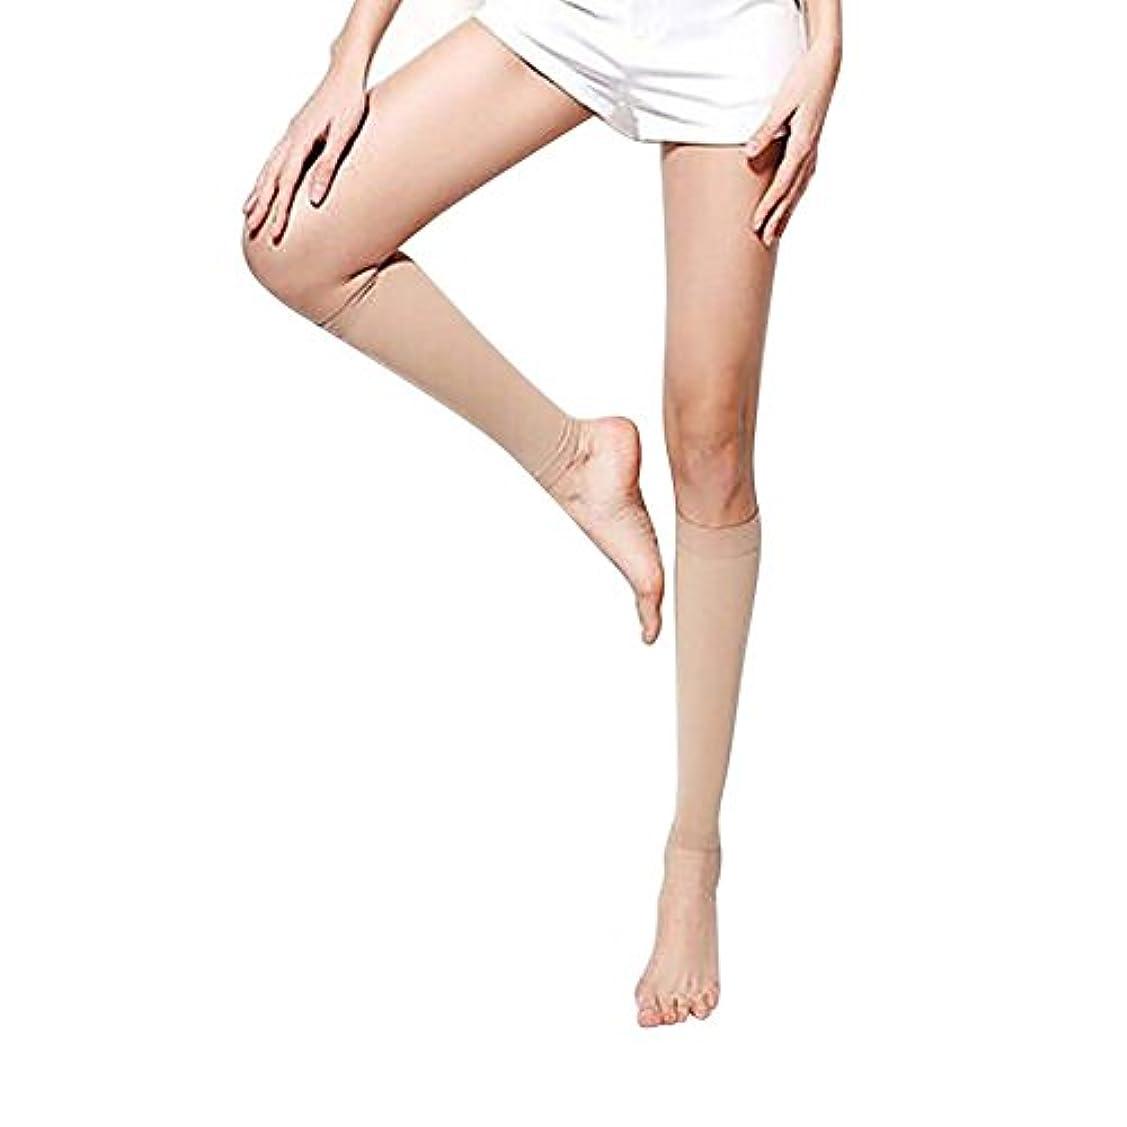 スカートようこそ協力するkasit 美脚ふくらはぎソックス 着圧ソックス 脂肪燃焼で脛ほっそり ショート